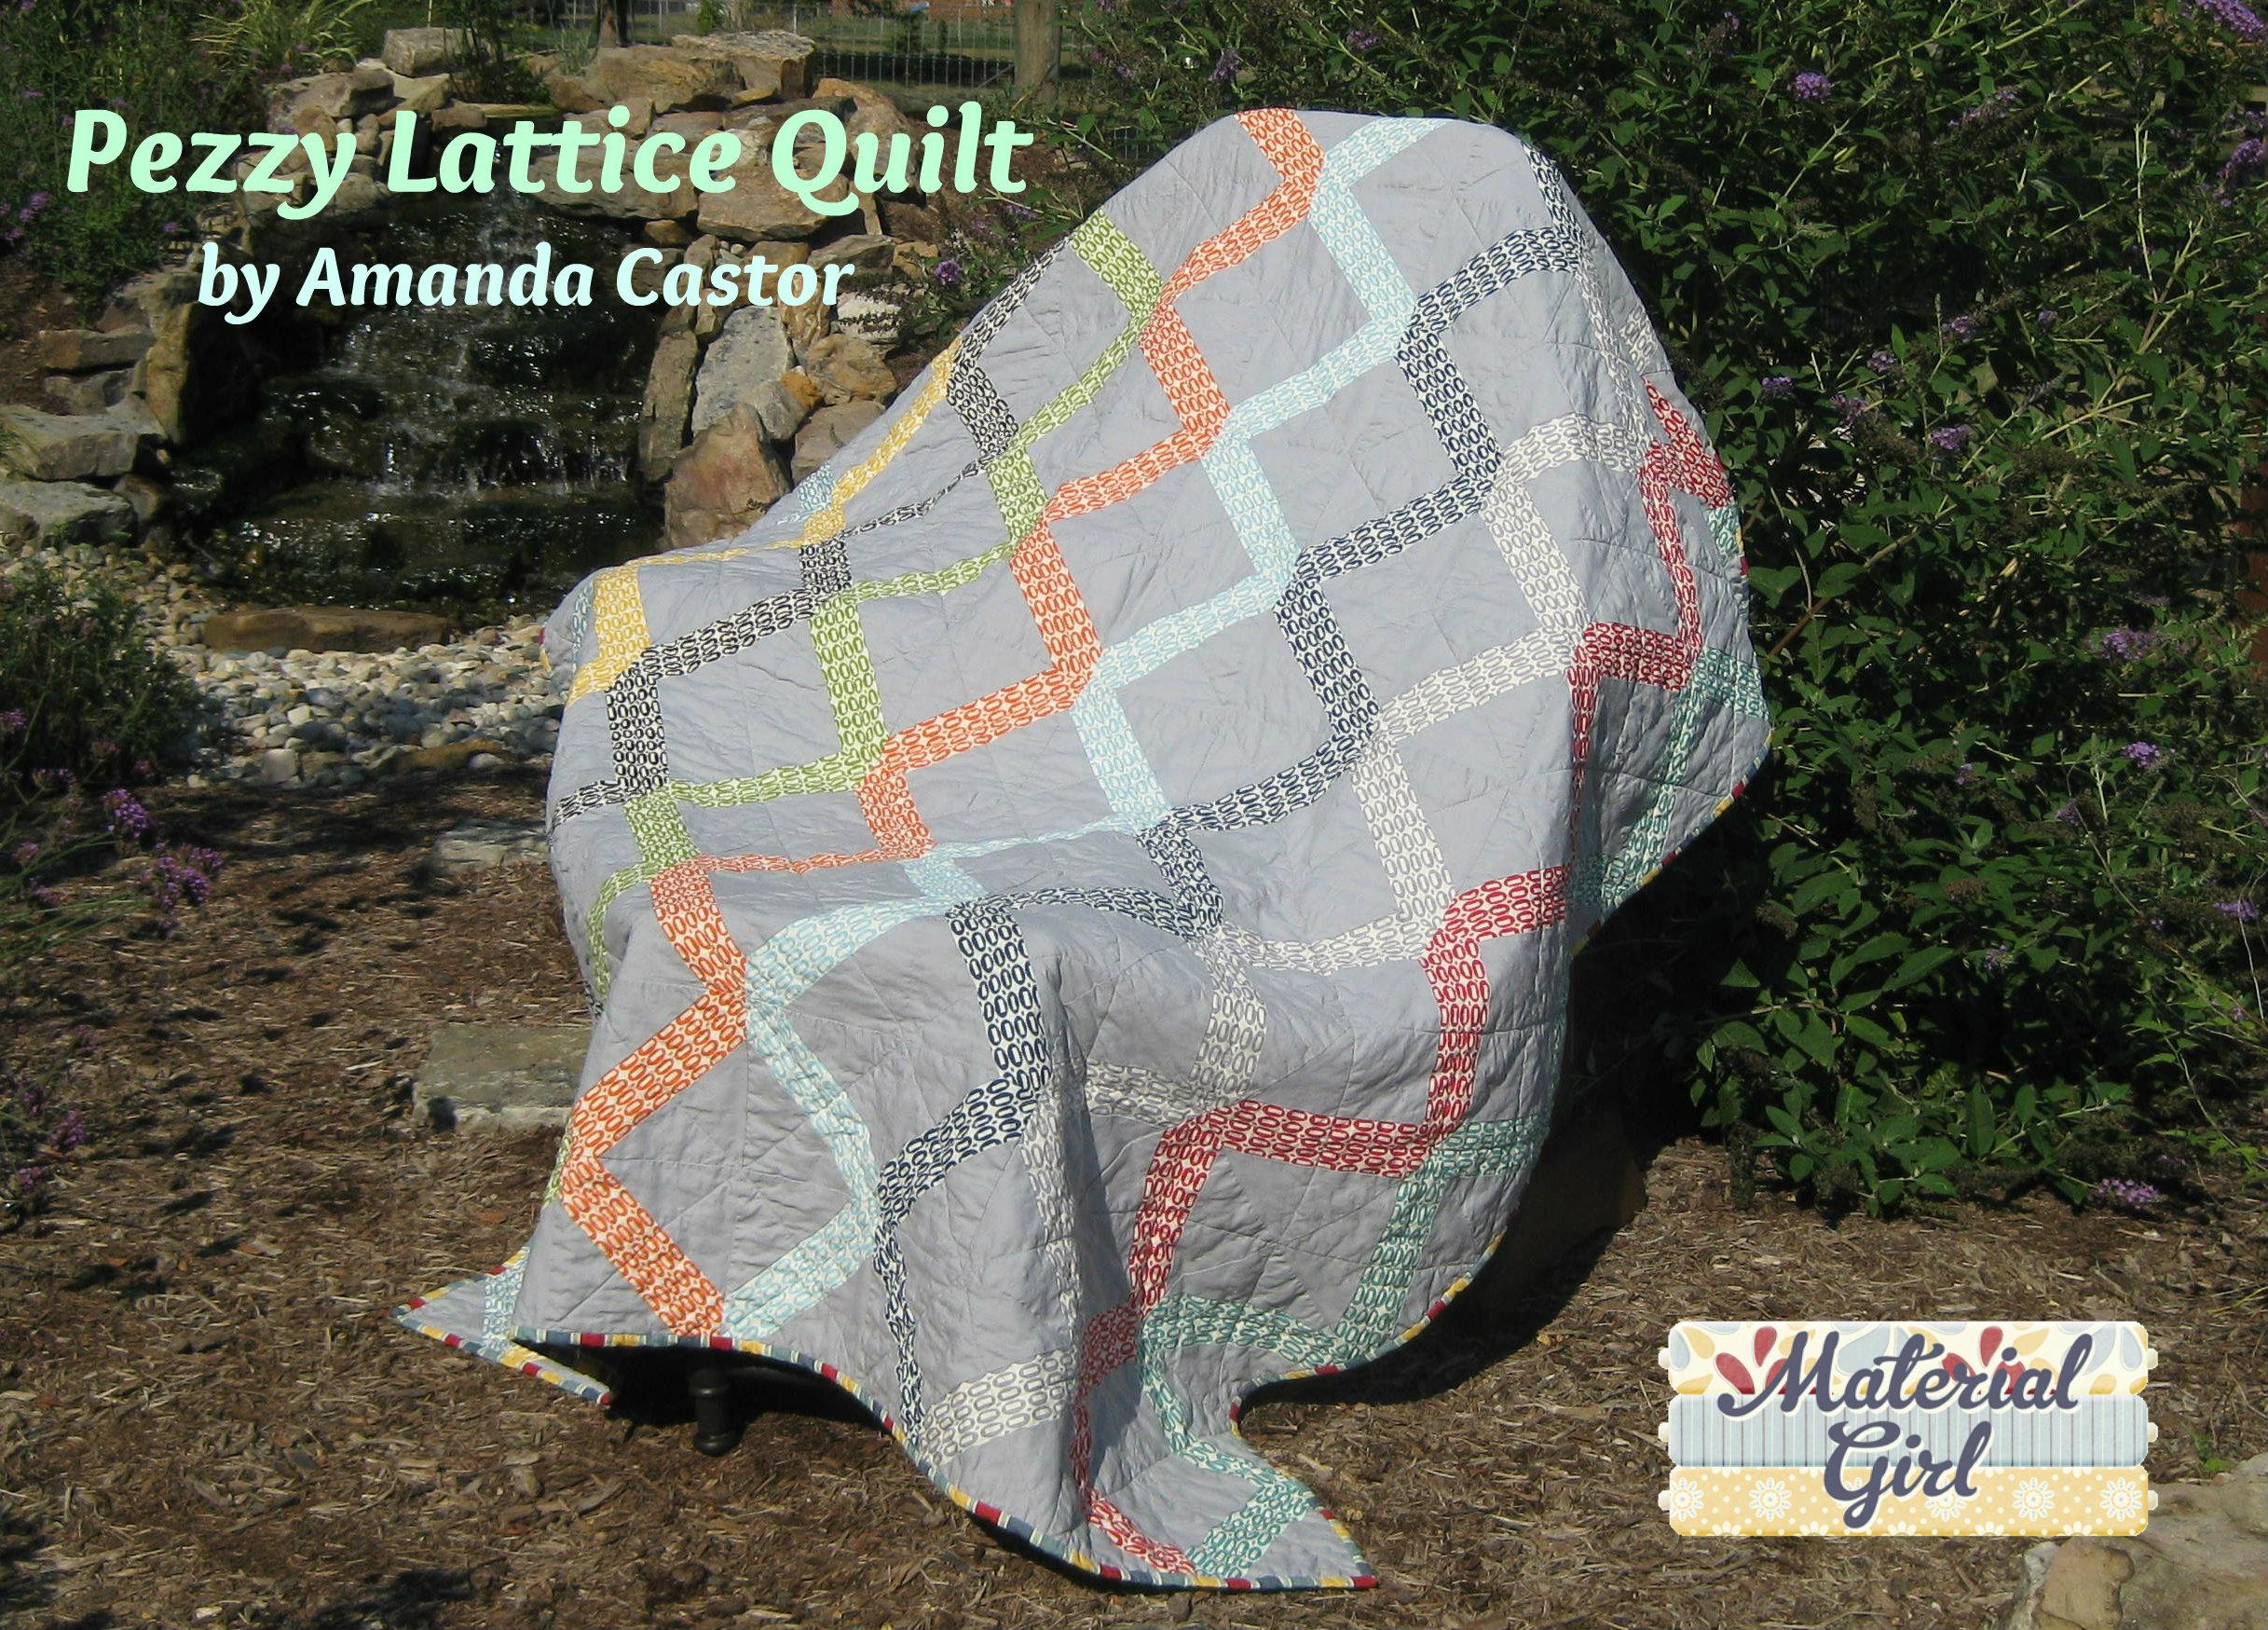 pezzy-lattice-quilt-cover.jpg